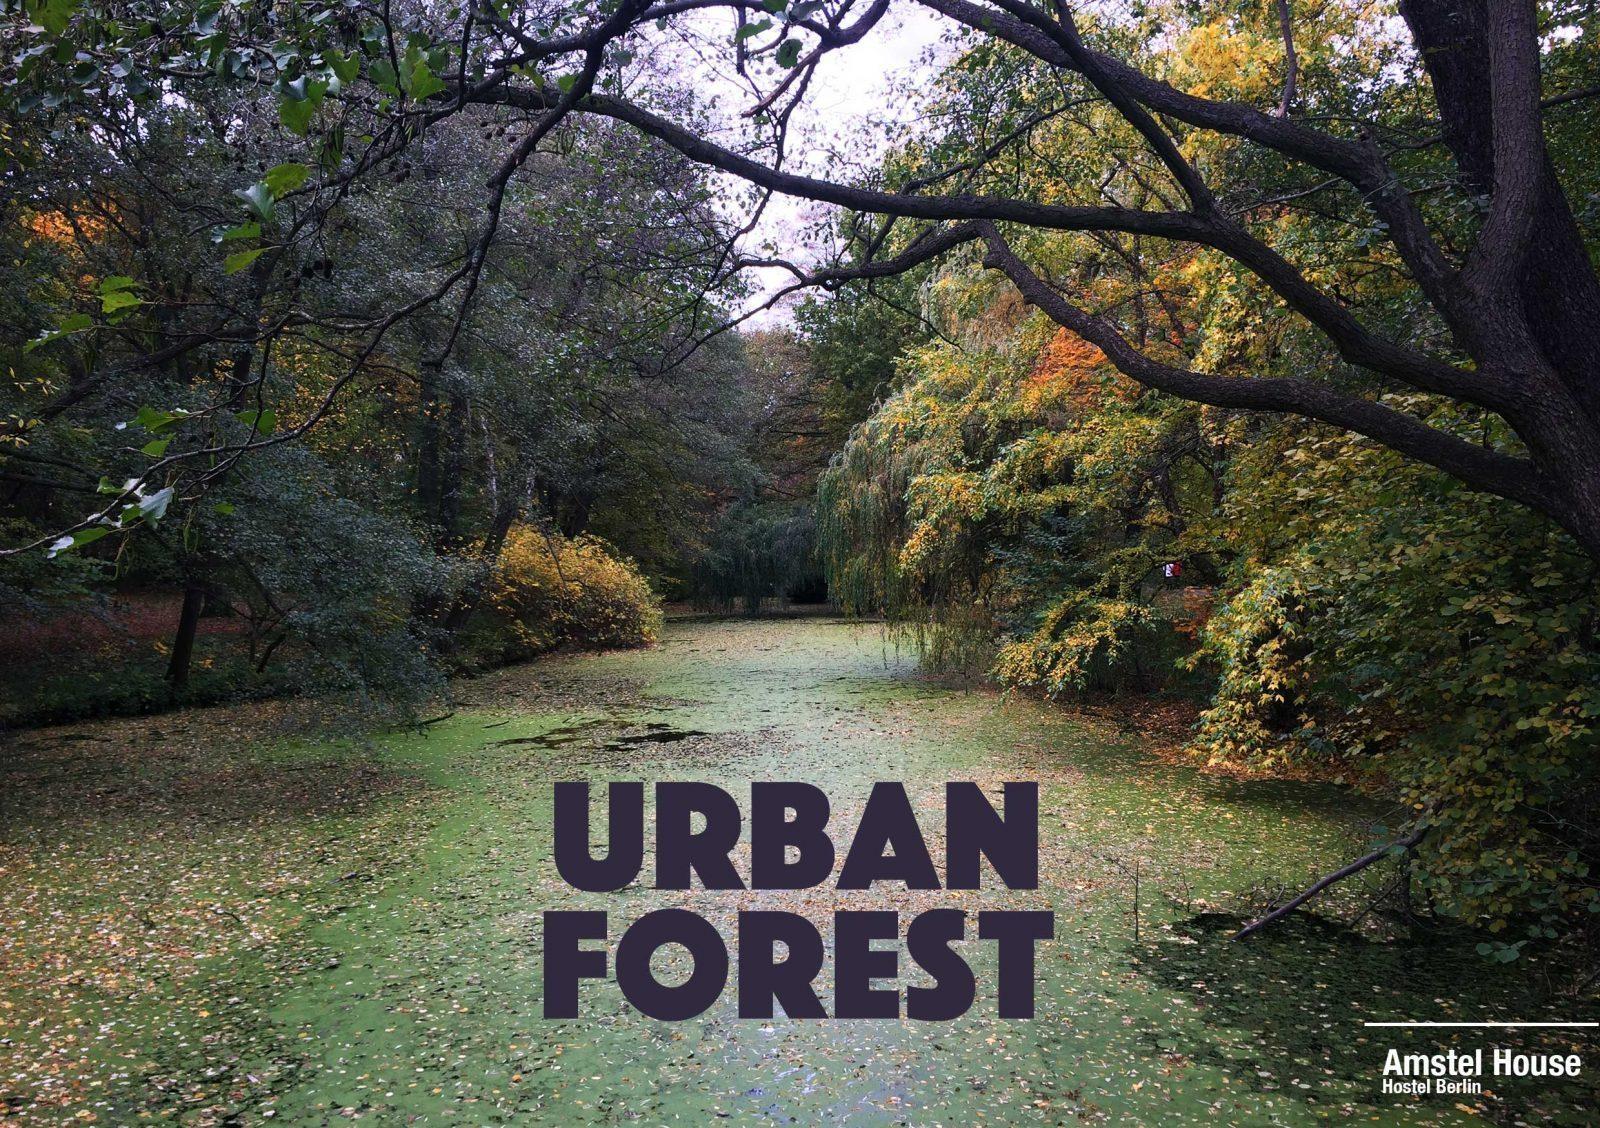 tiergarten urban forest